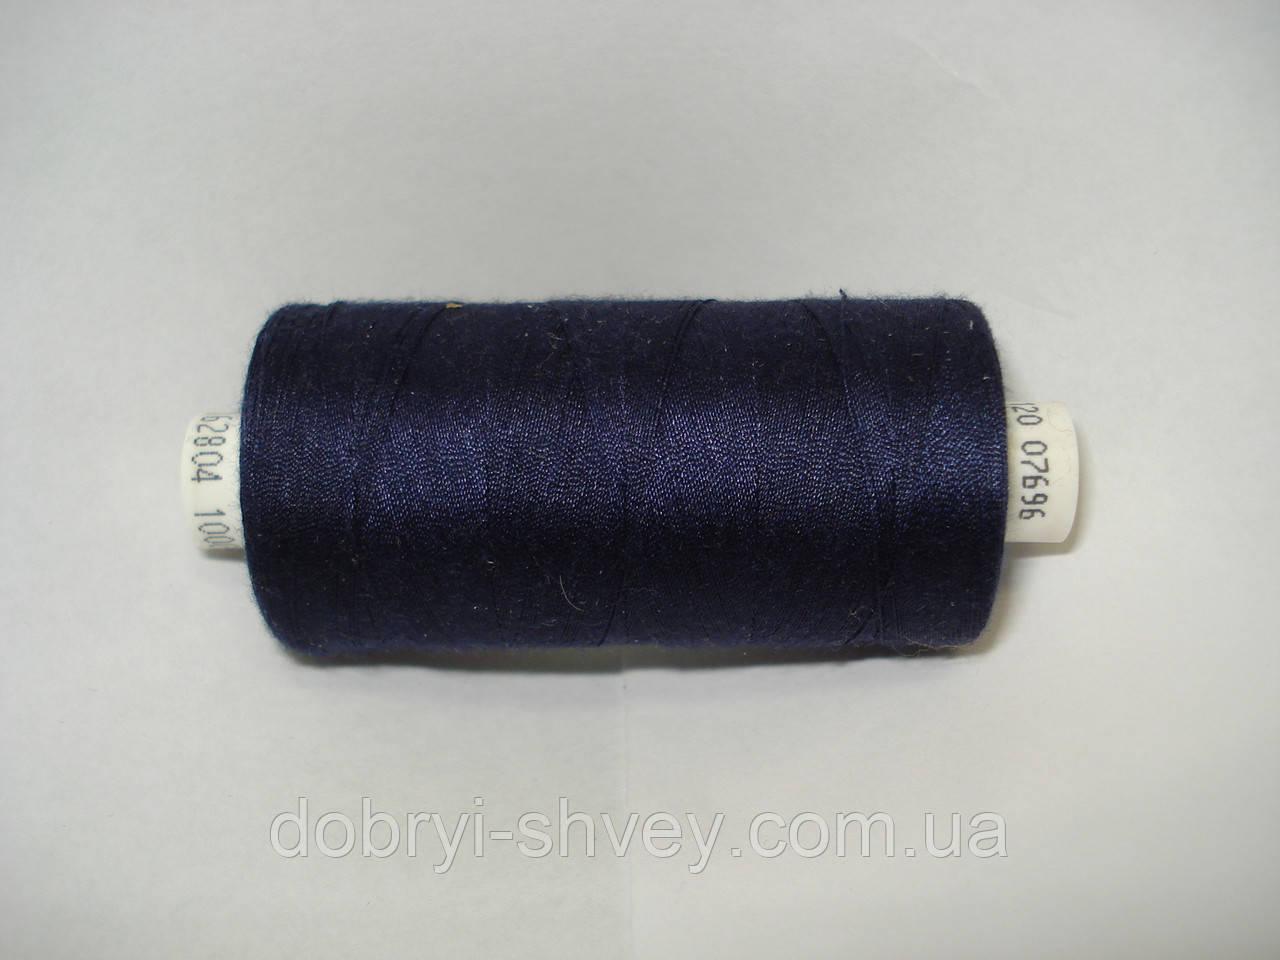 Нитка Coats EPIC №120 1000м.col 07696 т.синий